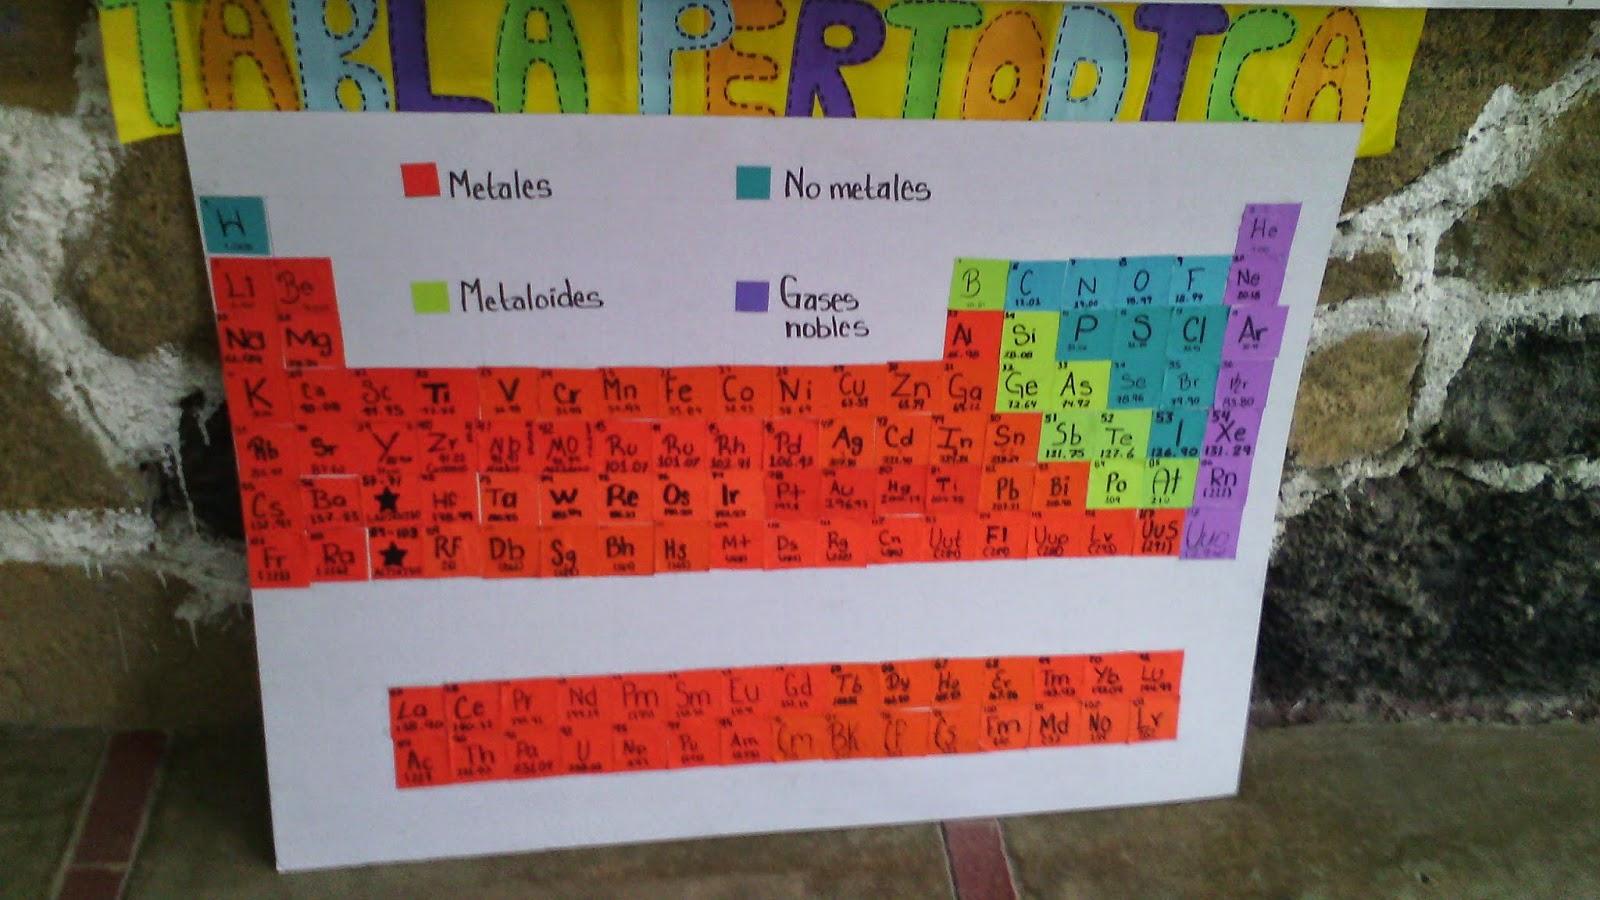 Evidencias de trabajo tabla periodica junto con los chicos de tercer grado elaboramos una tabla periodica de los elementos qumicos grupal para reafirmar conceptos como familias periodos urtaz Image collections